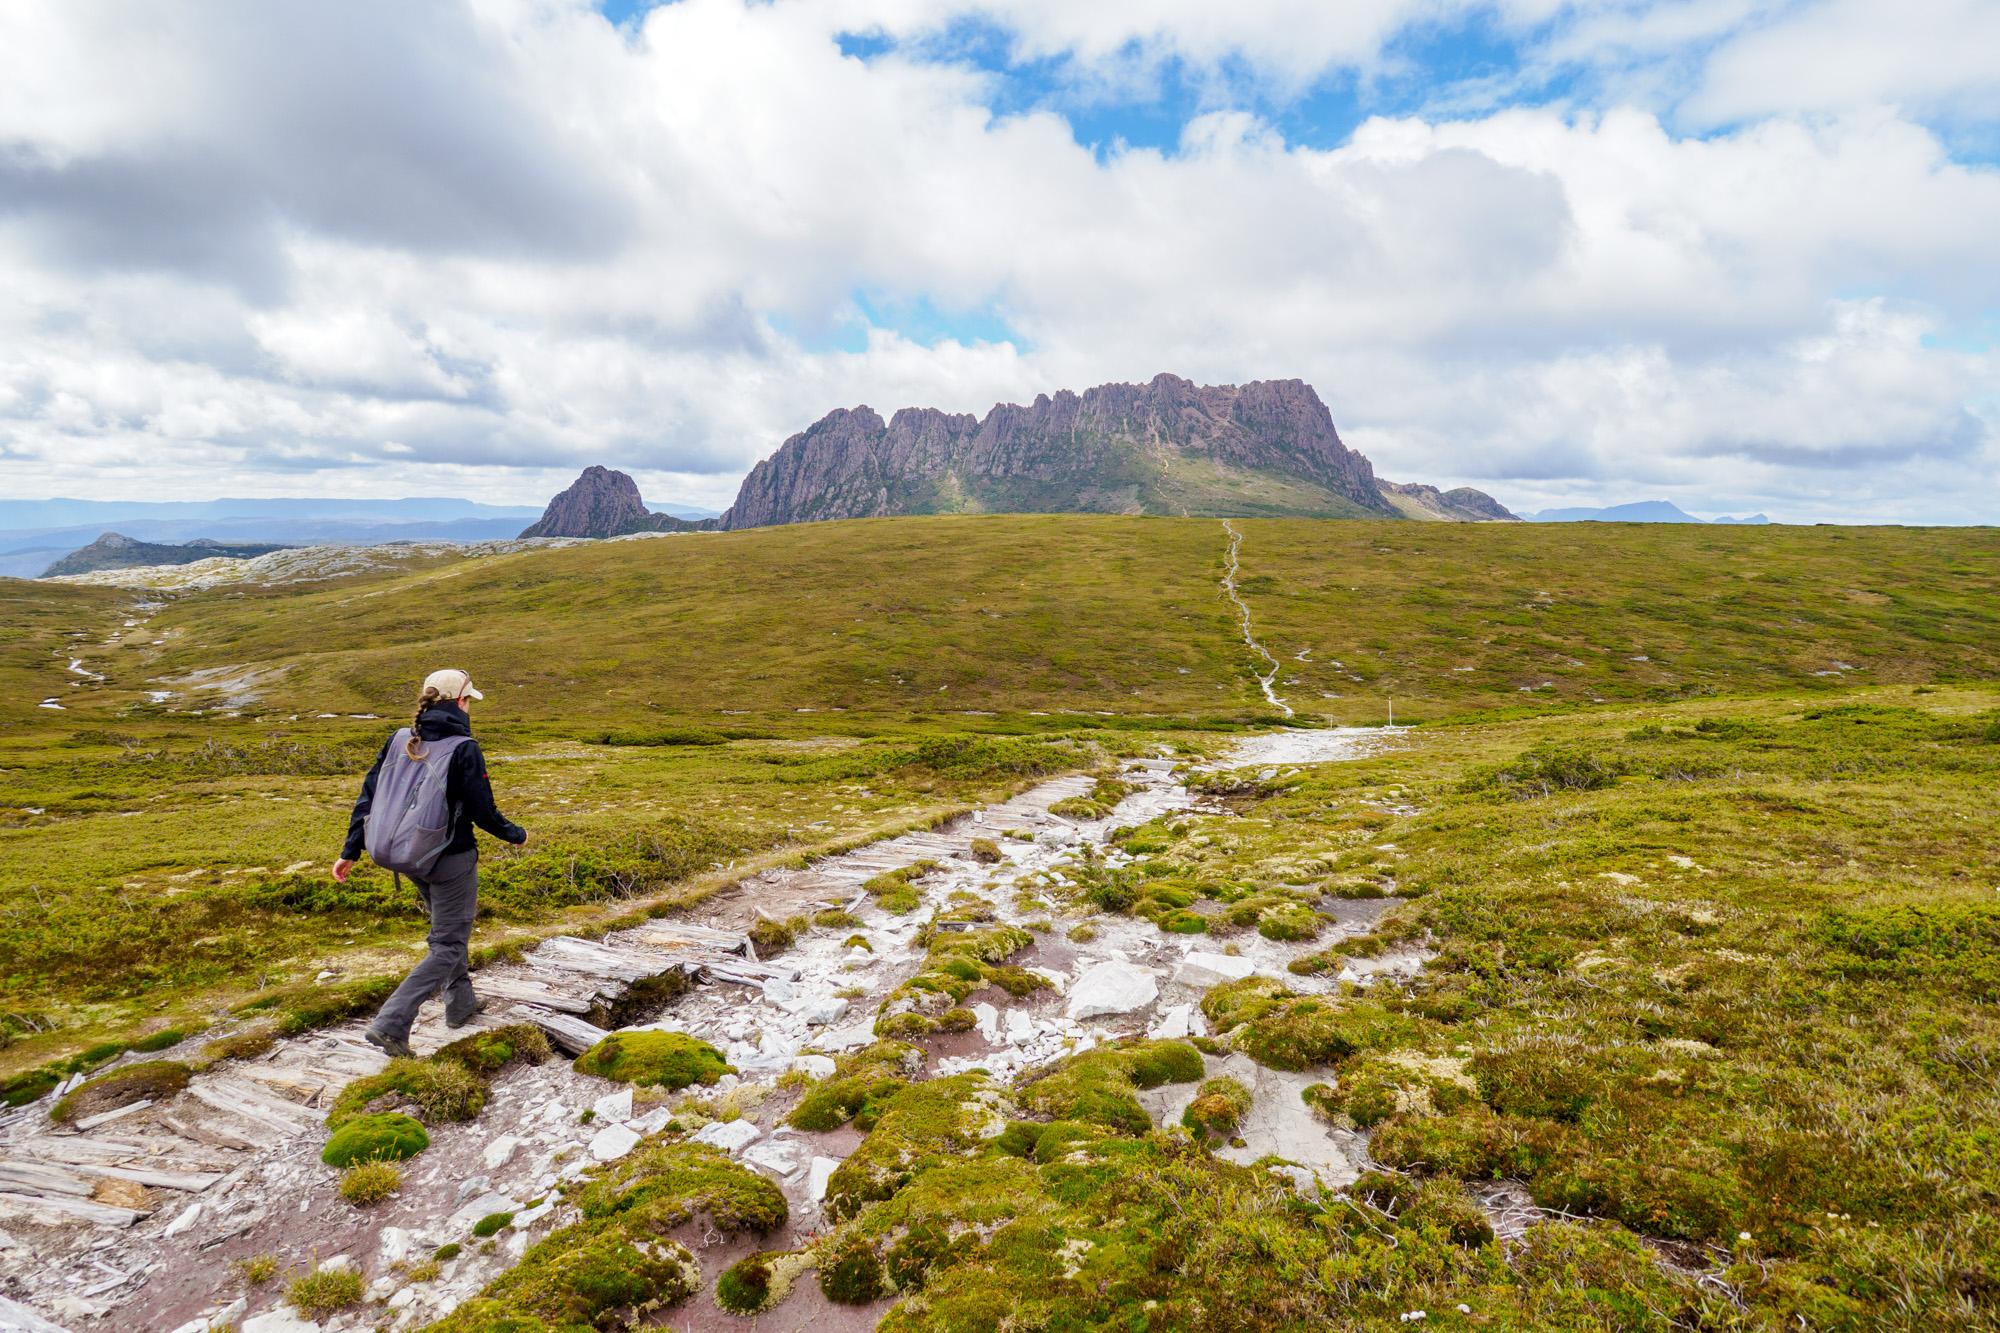 Cradle Mountain Nationalpark- Bereits von Weitem sieht man den Cradle Mountain